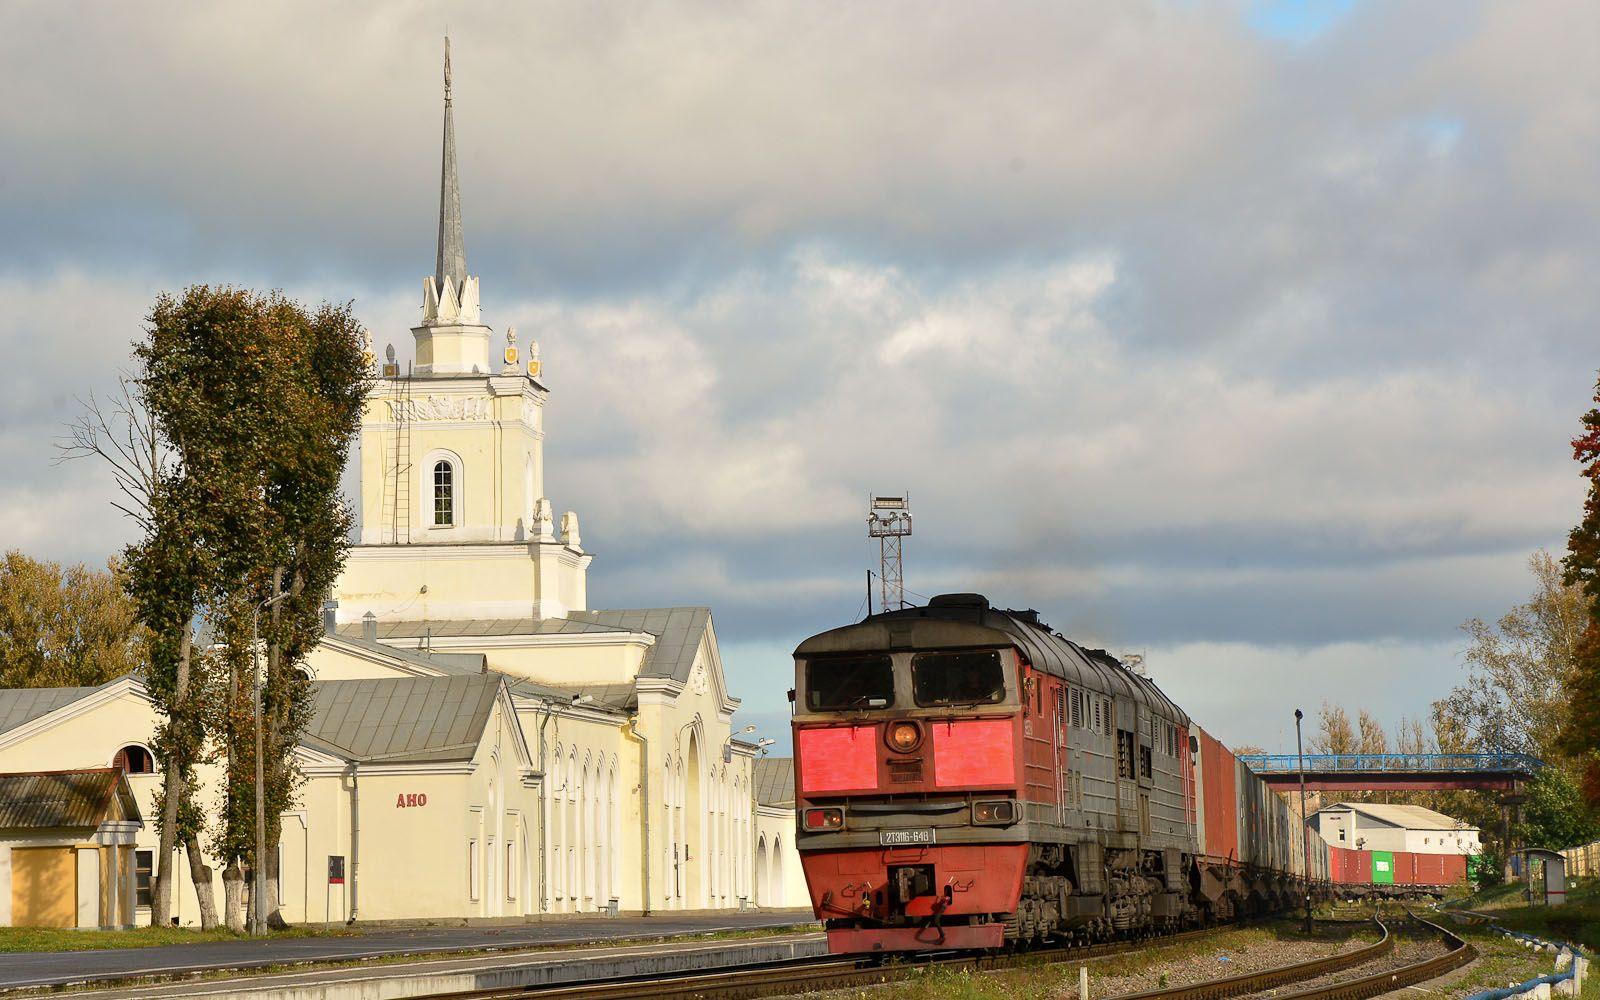 ©Foto: railmen Steffen Mann | 2TE116-648 mit Güterzug durchfährt Bahnhof Dno | Das helle Bahnhofsgebäude besticht durch seinen Spitzturm | 25.09.2018